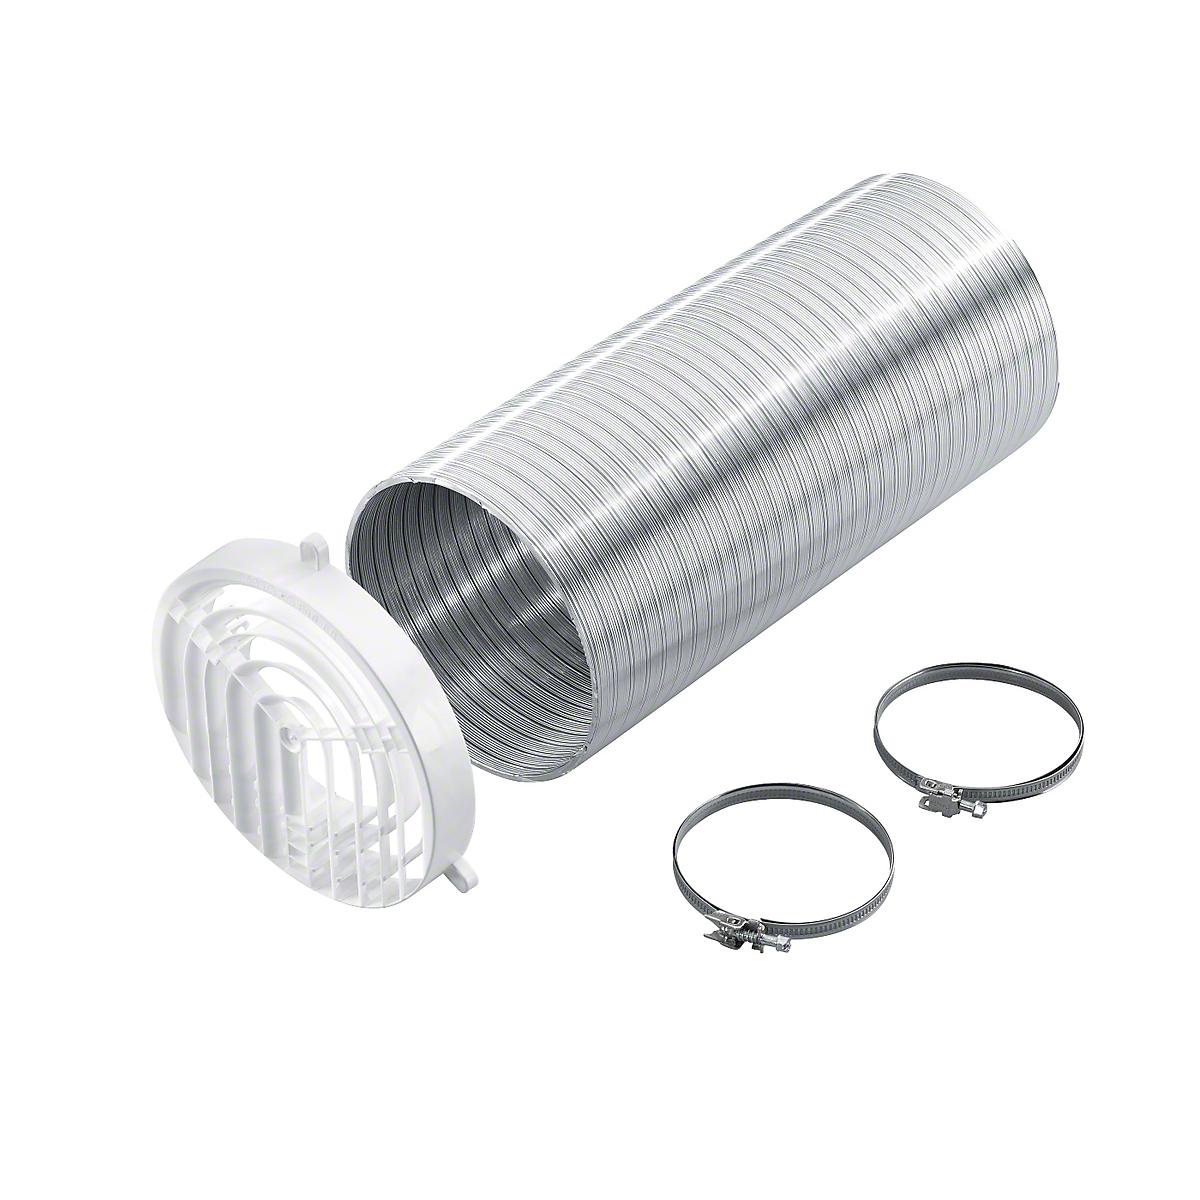 Miele DUU 150 Umbausatz Umluft Aluminium